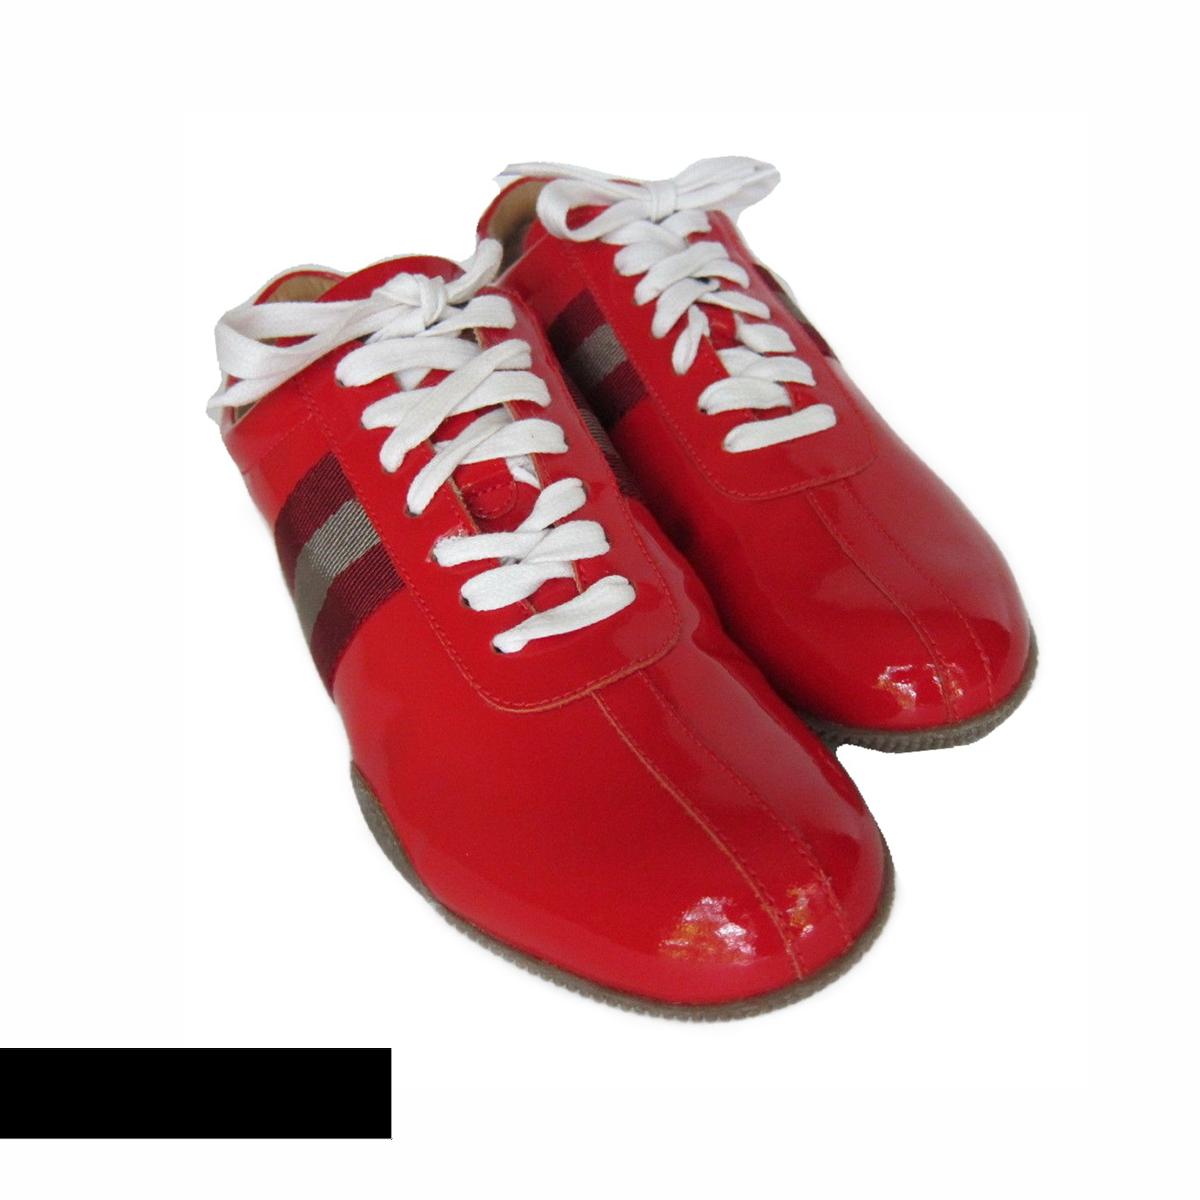 S-2275976 nuevo Bally Rojo Charol Tenis Zapatos Talla Talla Talla EE. UU. 8M  venta con descuento